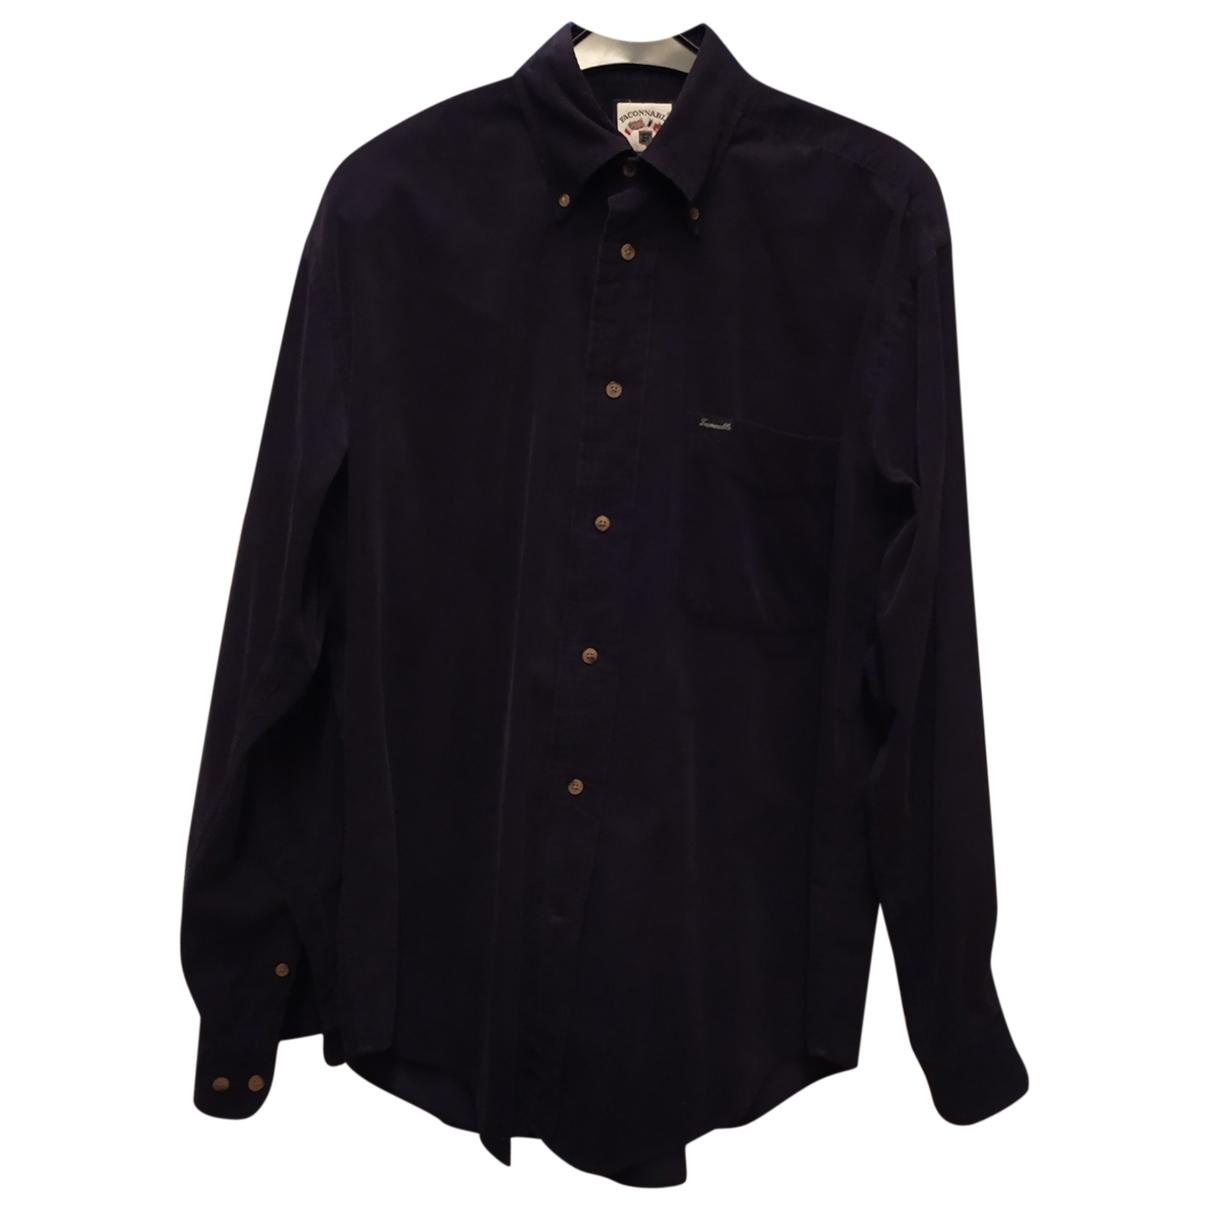 Camisas de Terciopelo Faconnable